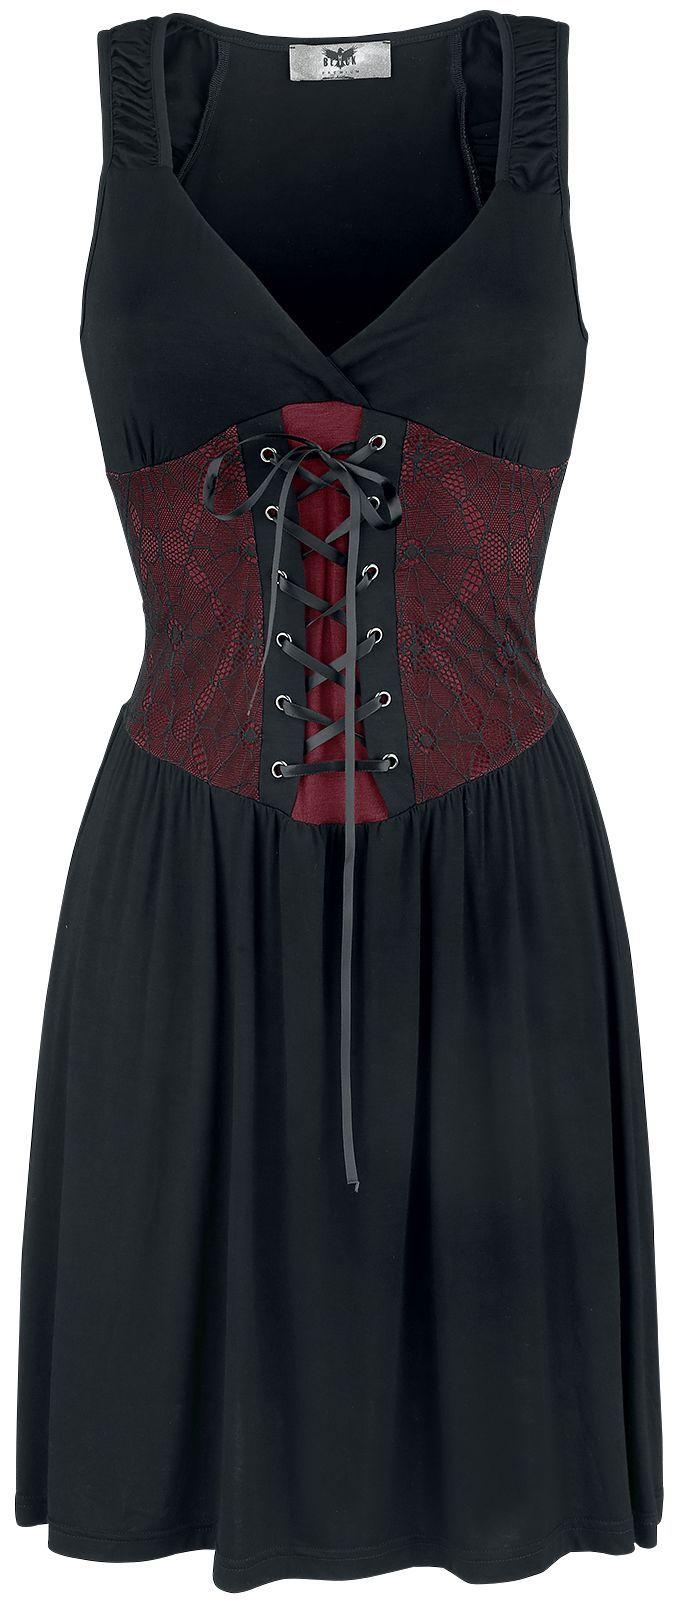 Lyhyt mekko EMP:n Black Premiumilta:  - Hihaton - Kaulus: kaula-aukko - Pitsi - Edessä nyöritys satiinisella vyötärönauhalla